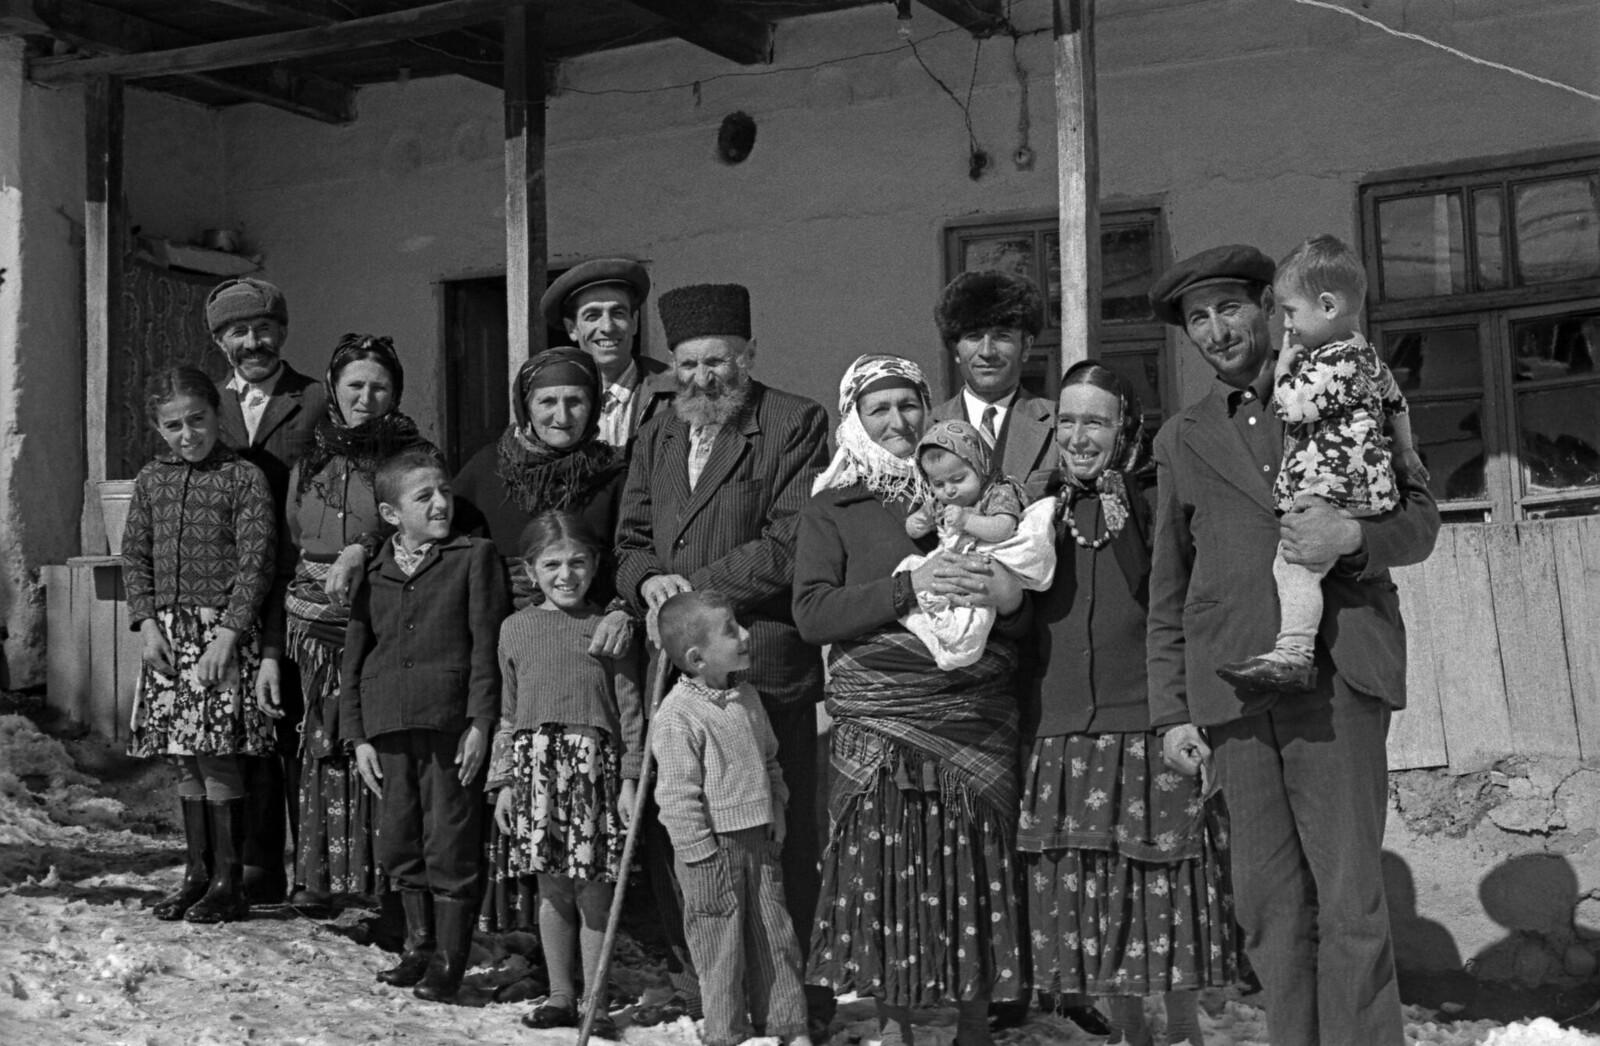 1977. Старейший житель Земли - Меджид Агаев, ему 143 года, среди родственных, октябрь